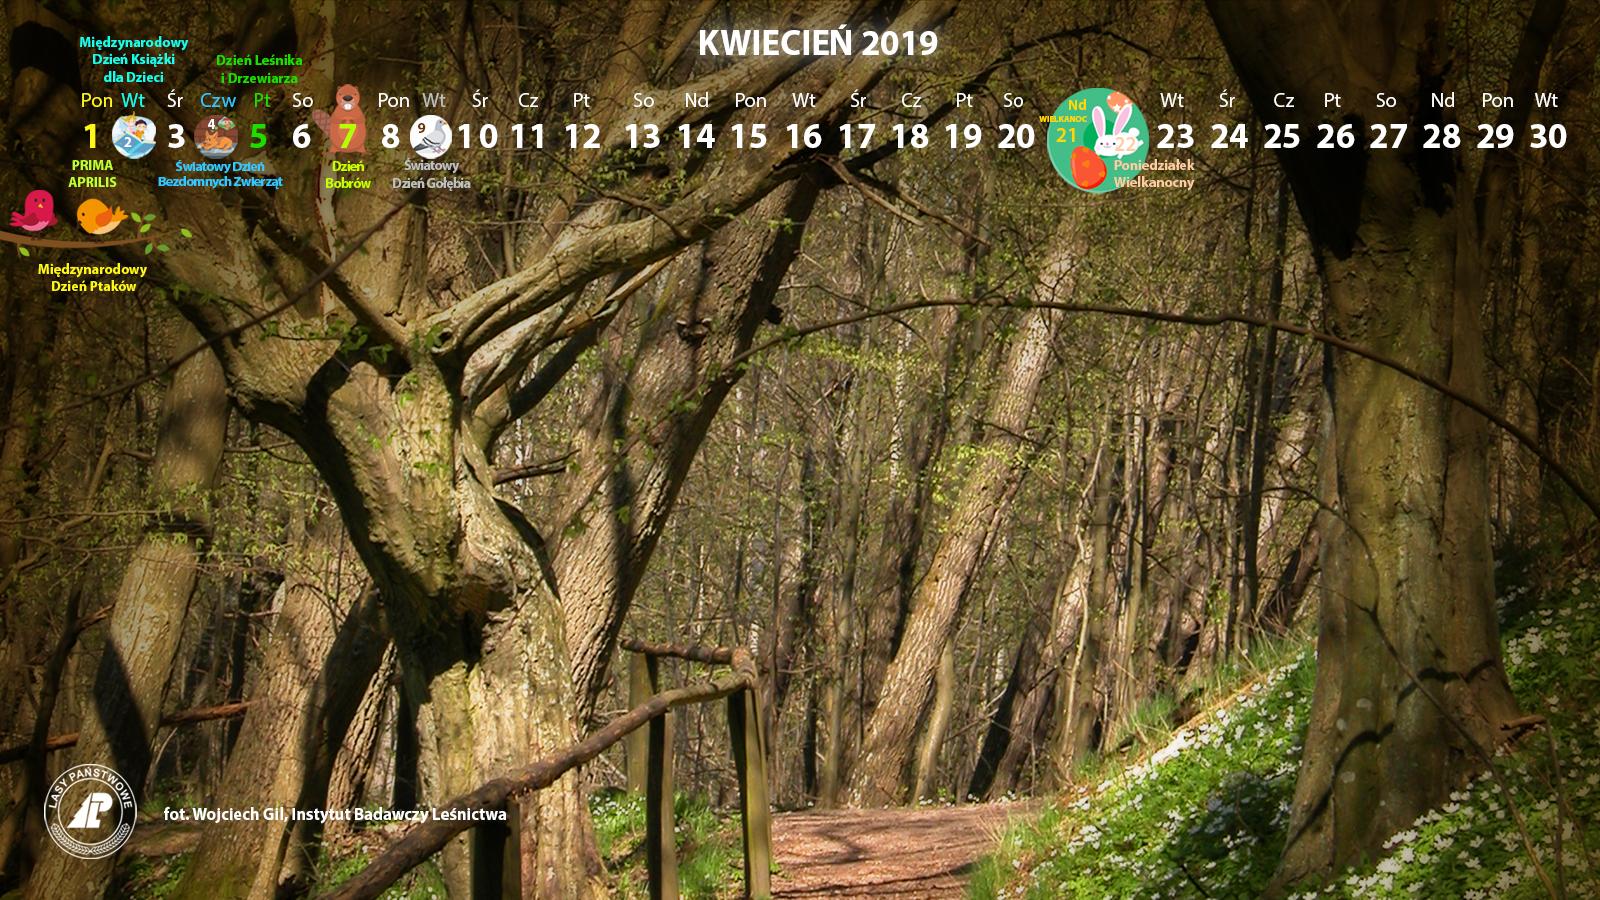 Kalendarz_kwiecień_2019_1600x900[1].jpg